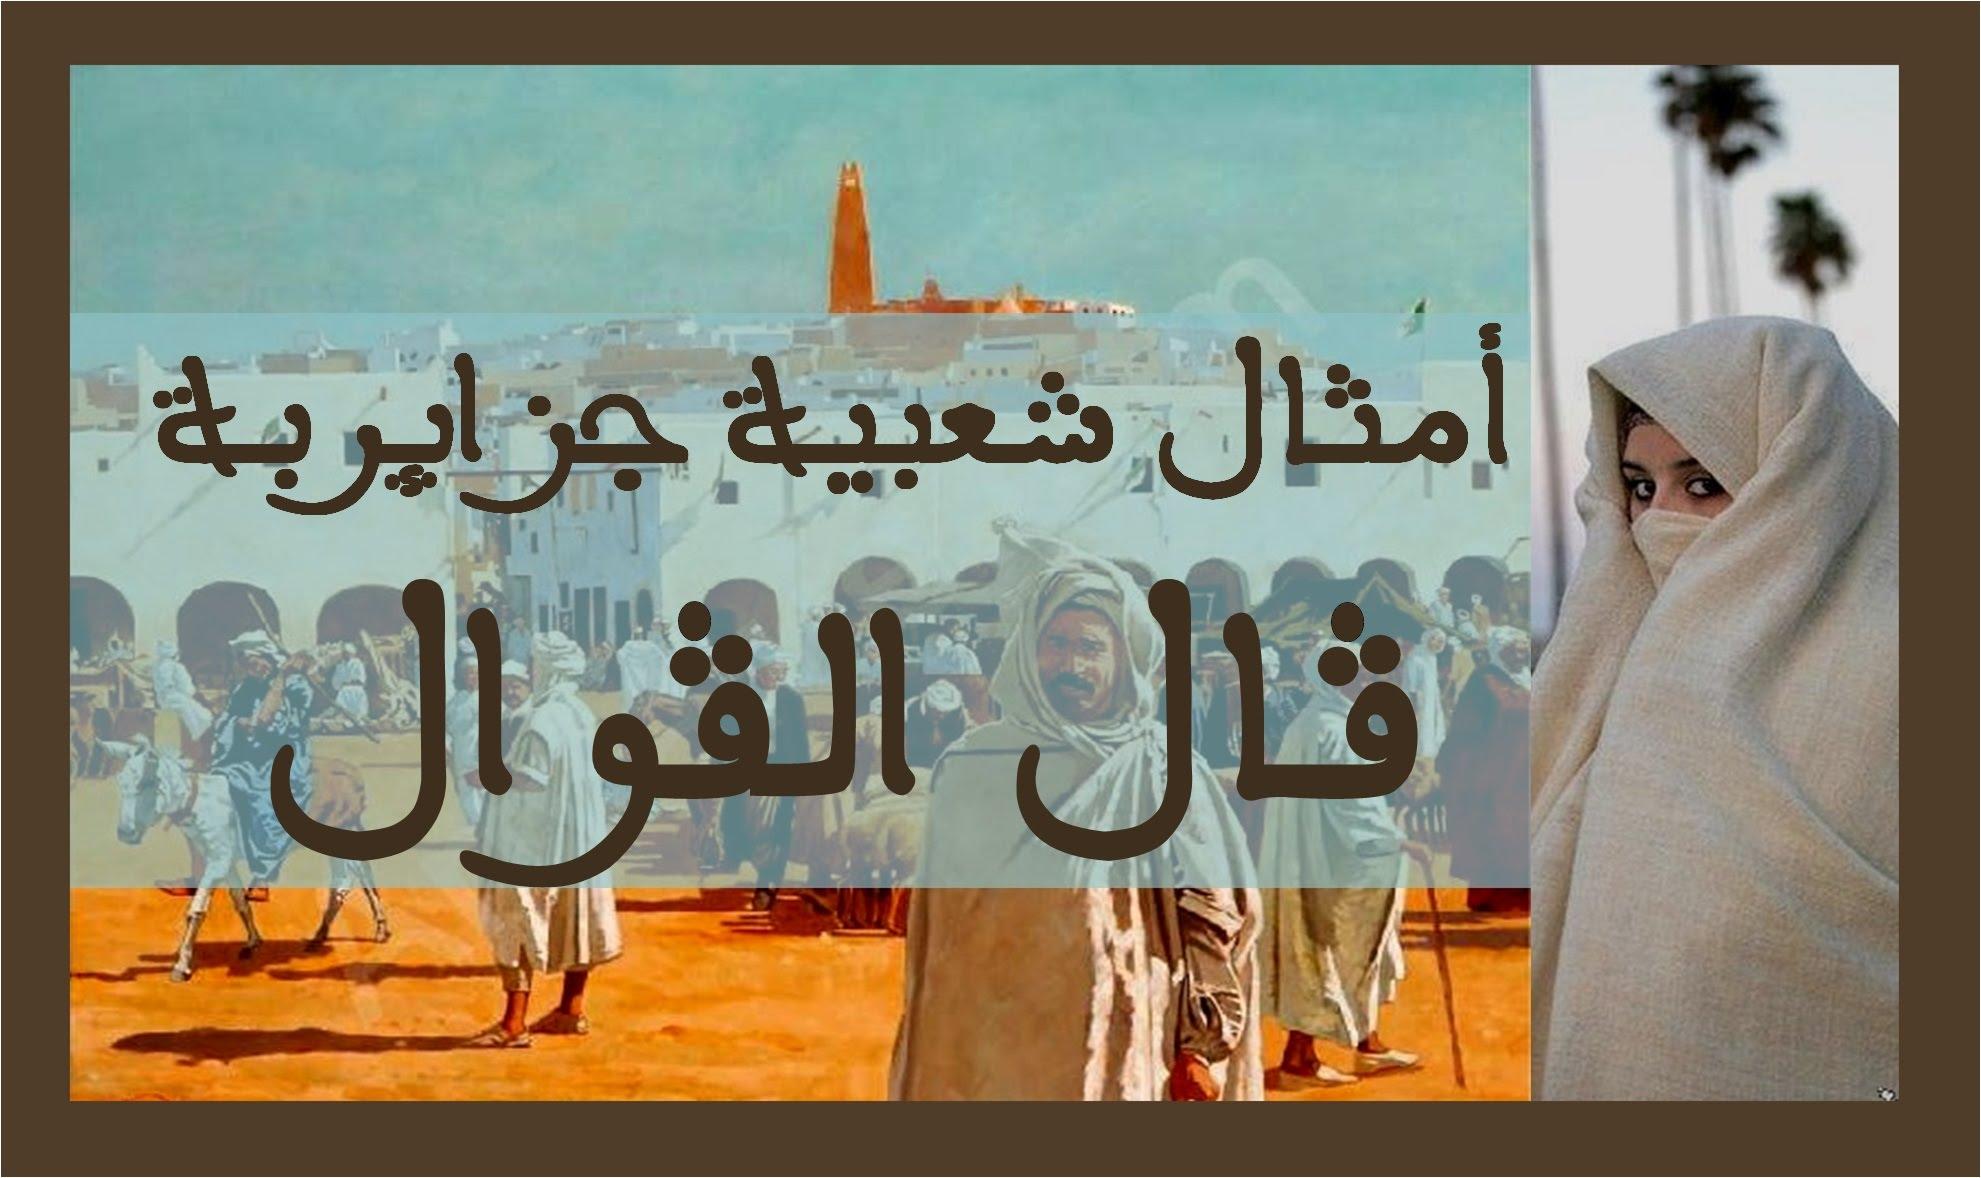 حكم وامثال شعبيه قصص ومواعظ من الحياه حبيبي